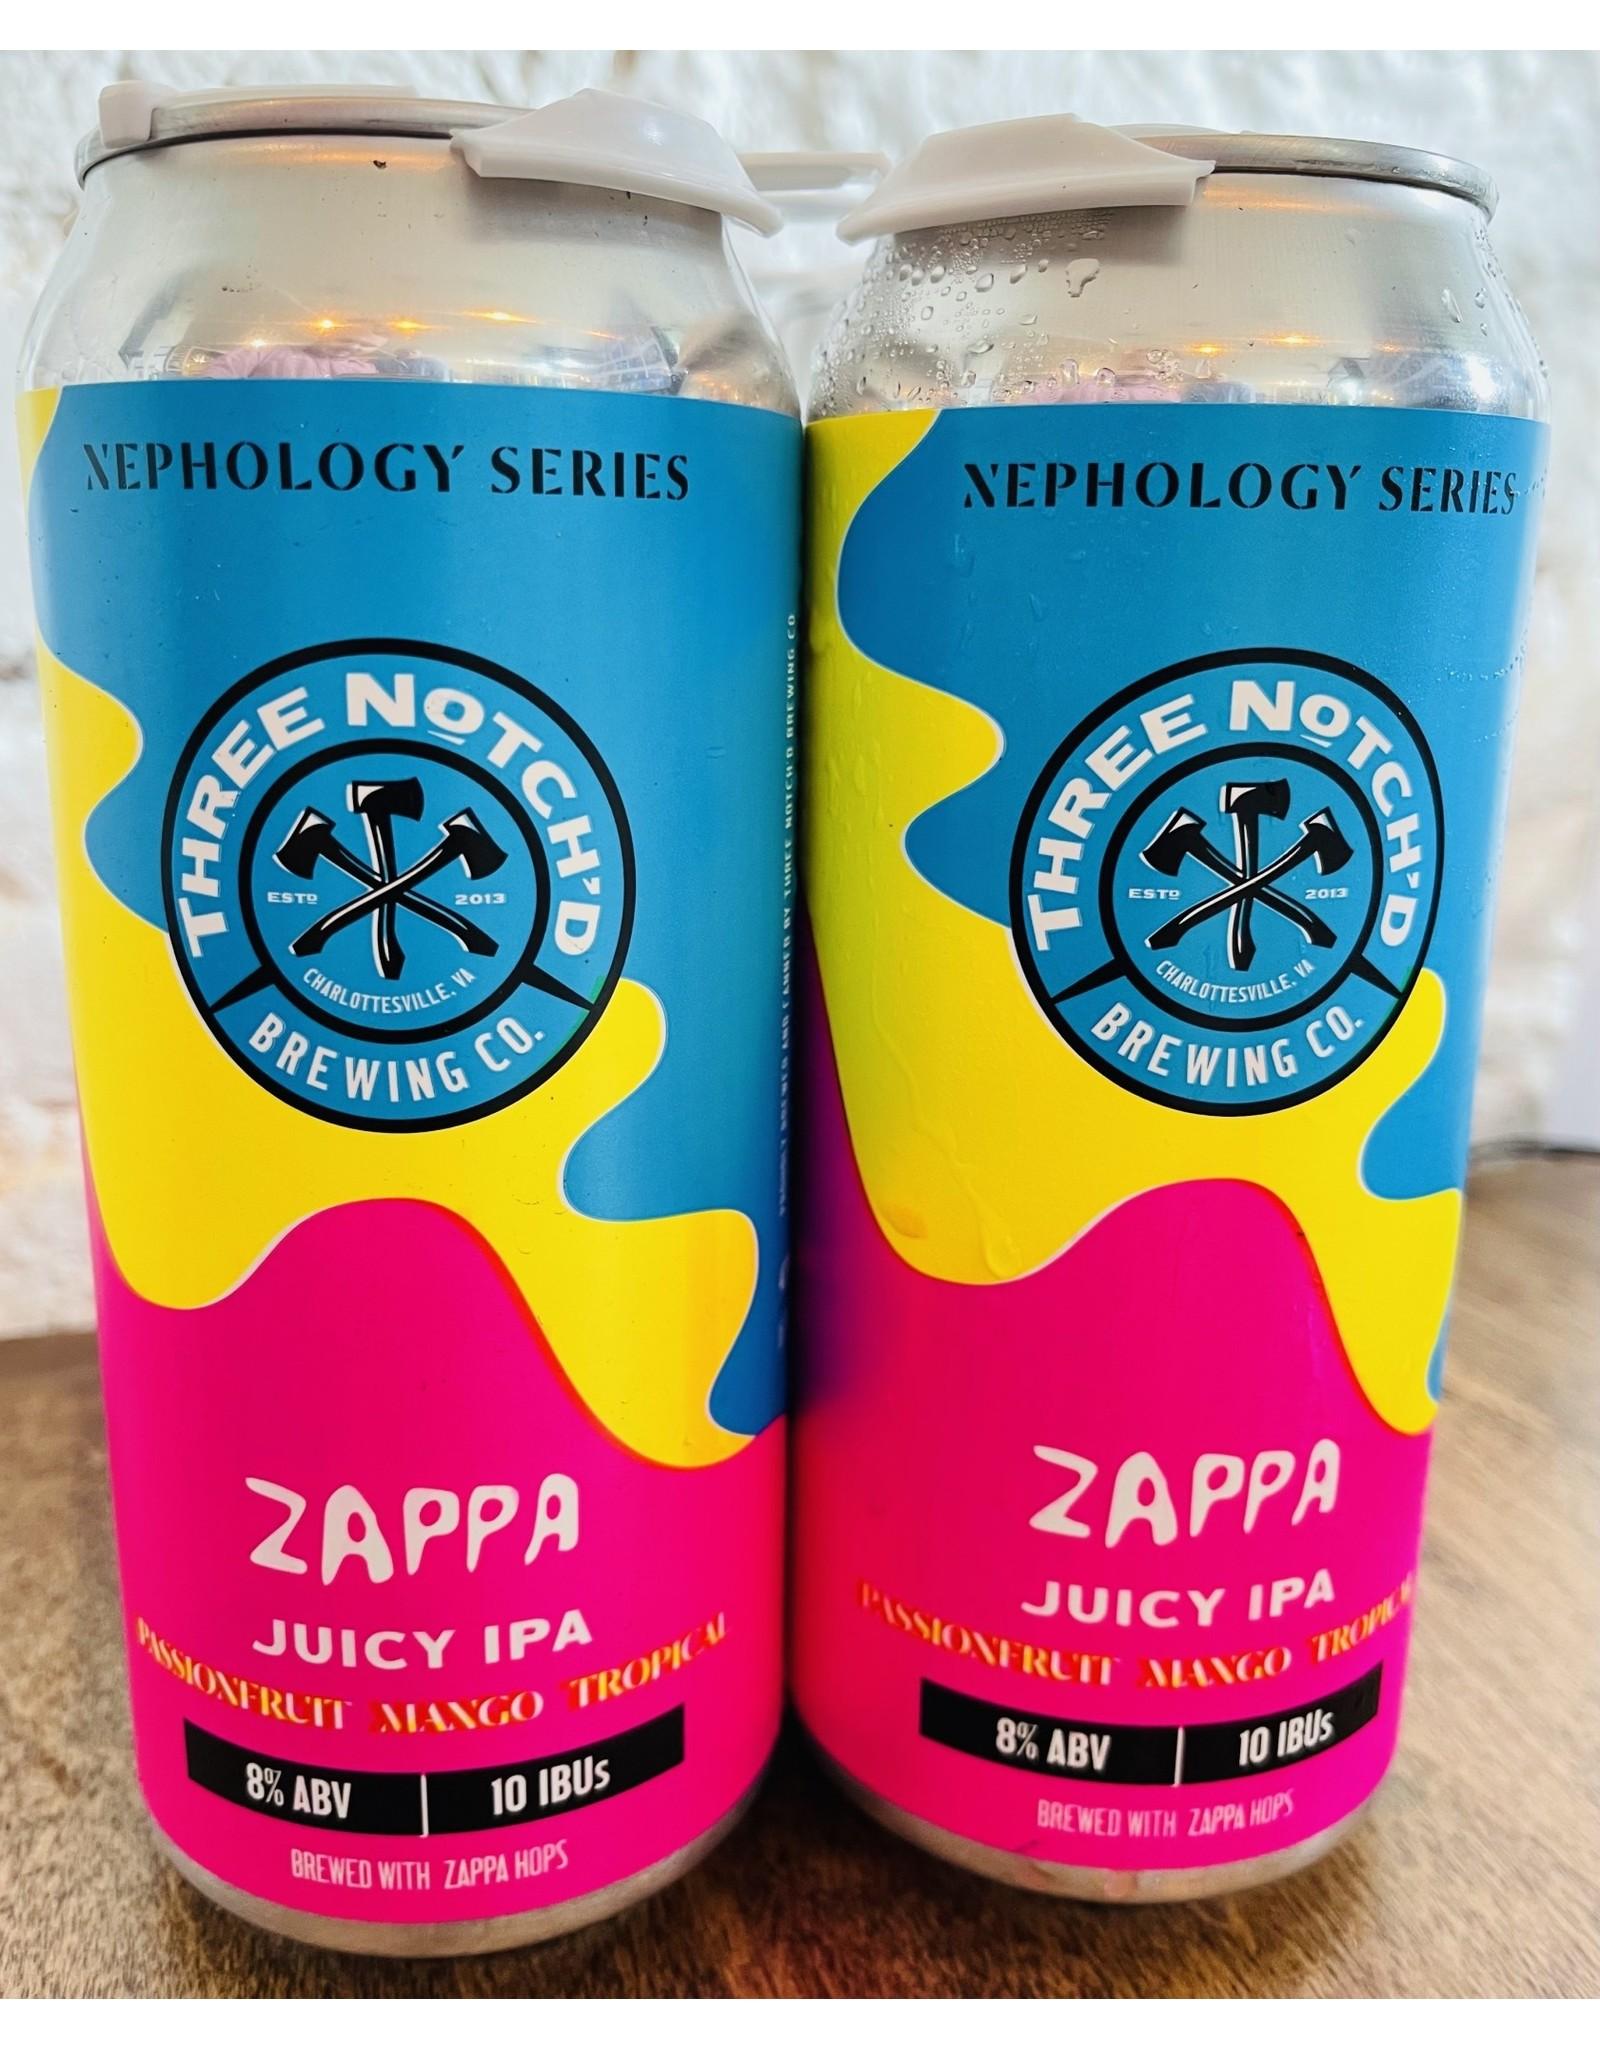 Three Notch'd Three Notch'd Zappa Juicy IPA